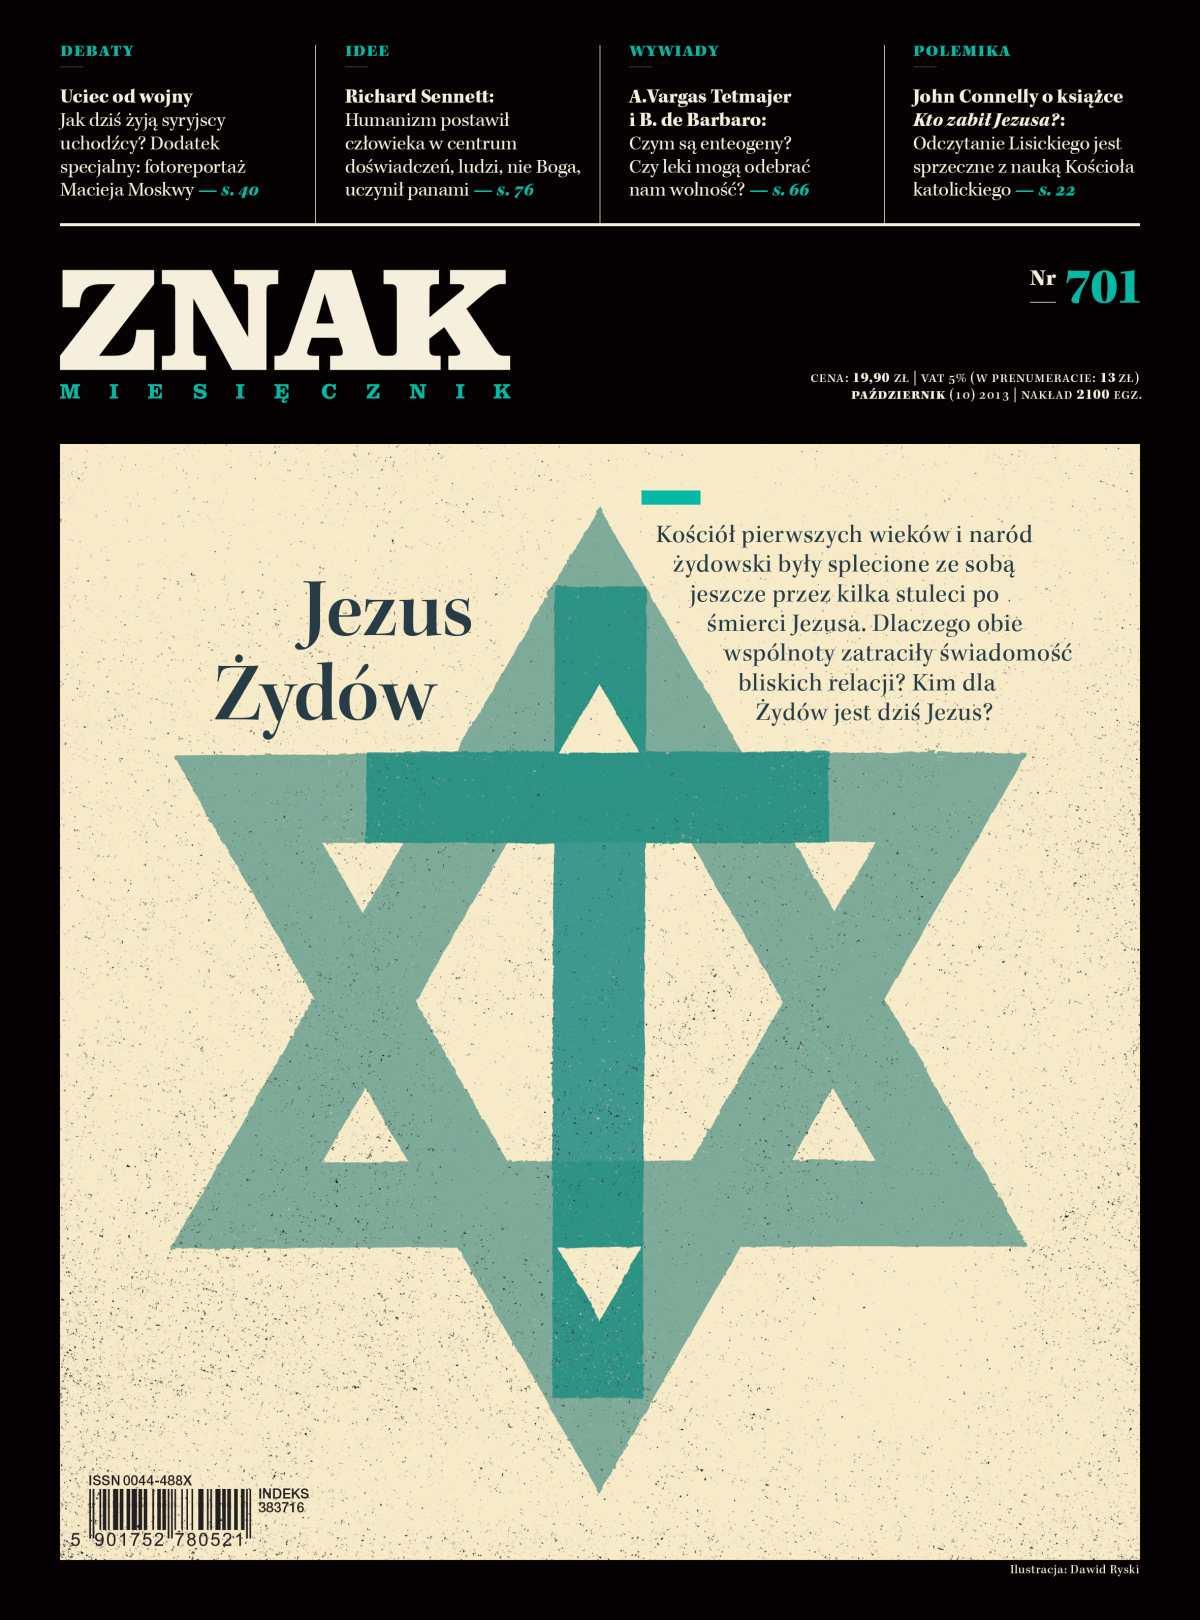 Miesięcznik Znak. Październik 2013 - Ebook (Książka PDF) do pobrania w formacie PDF